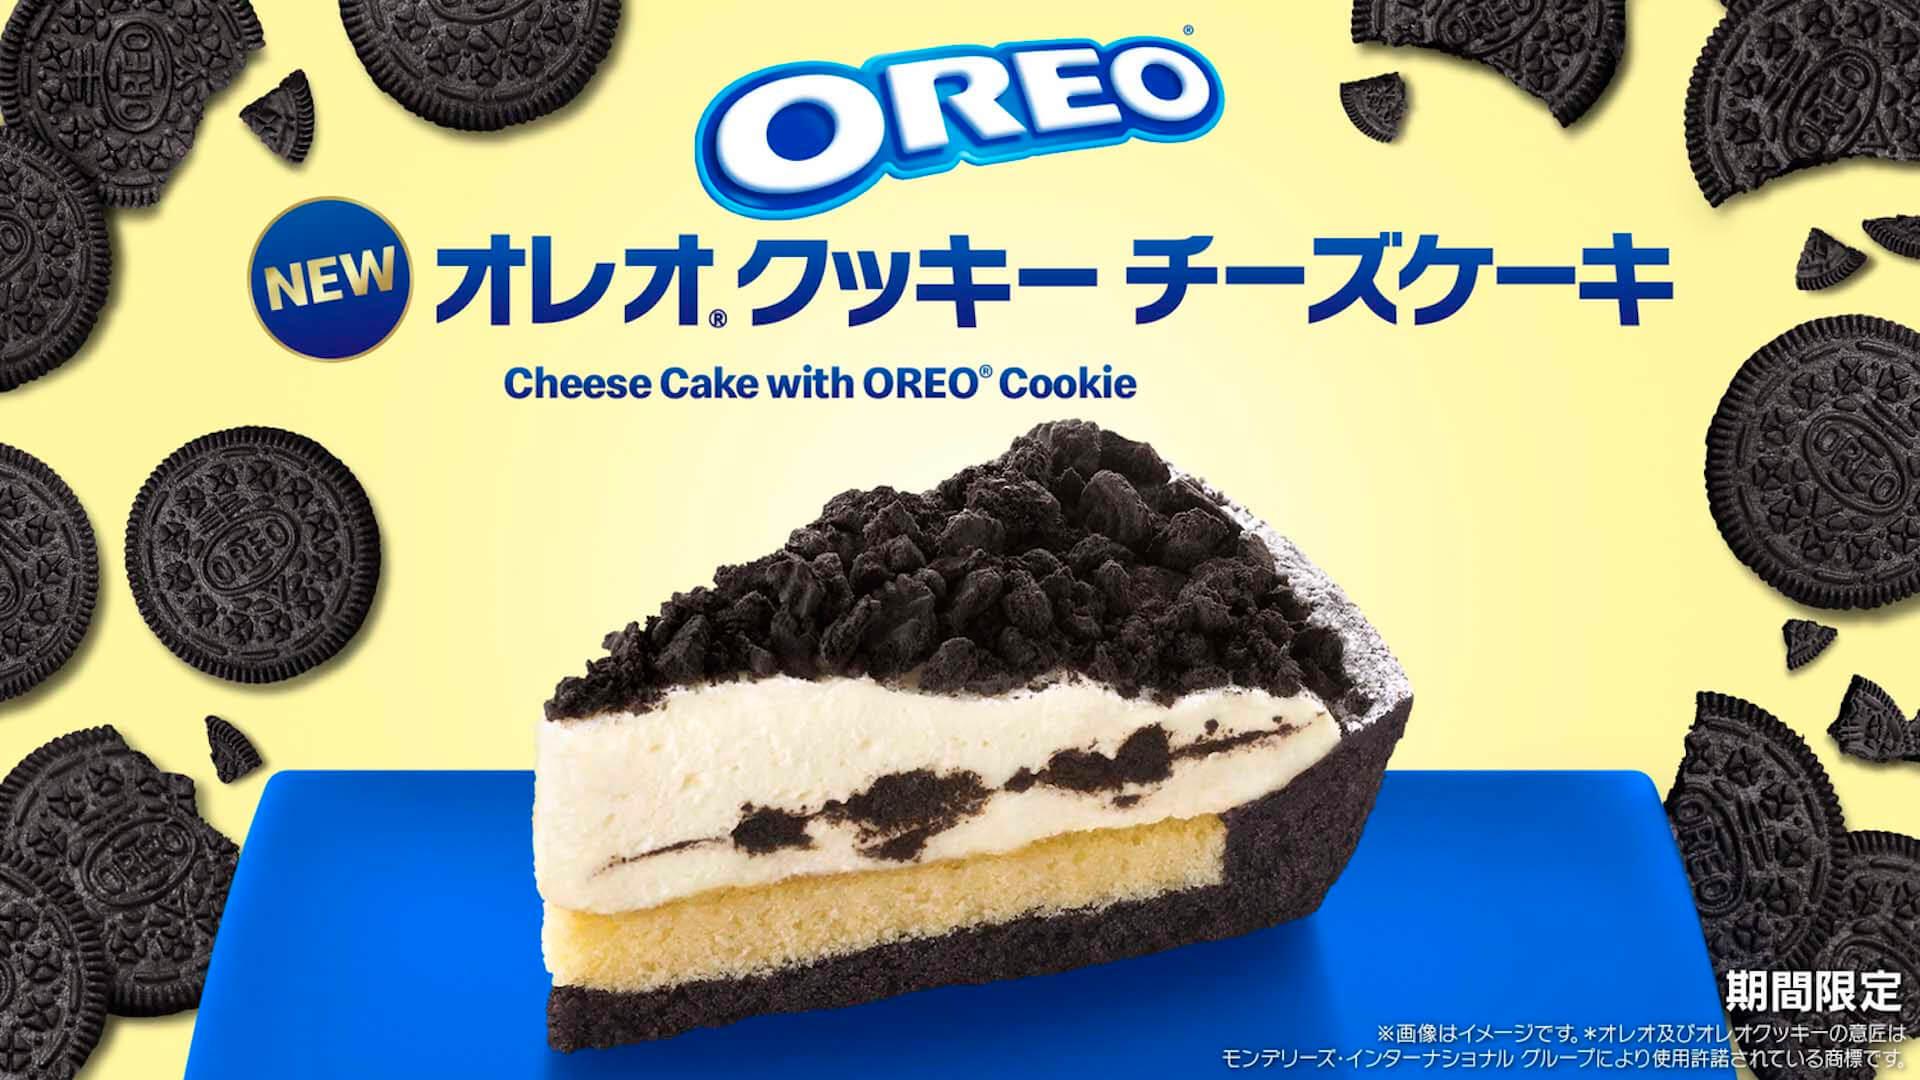 マクドナルドからオレオとのコラボチーズケーキ「オレオ クッキー チーズケーキ」が期間限定発売決定!500円のケーキセットも gourmet210317_mcdonald_oreo_1